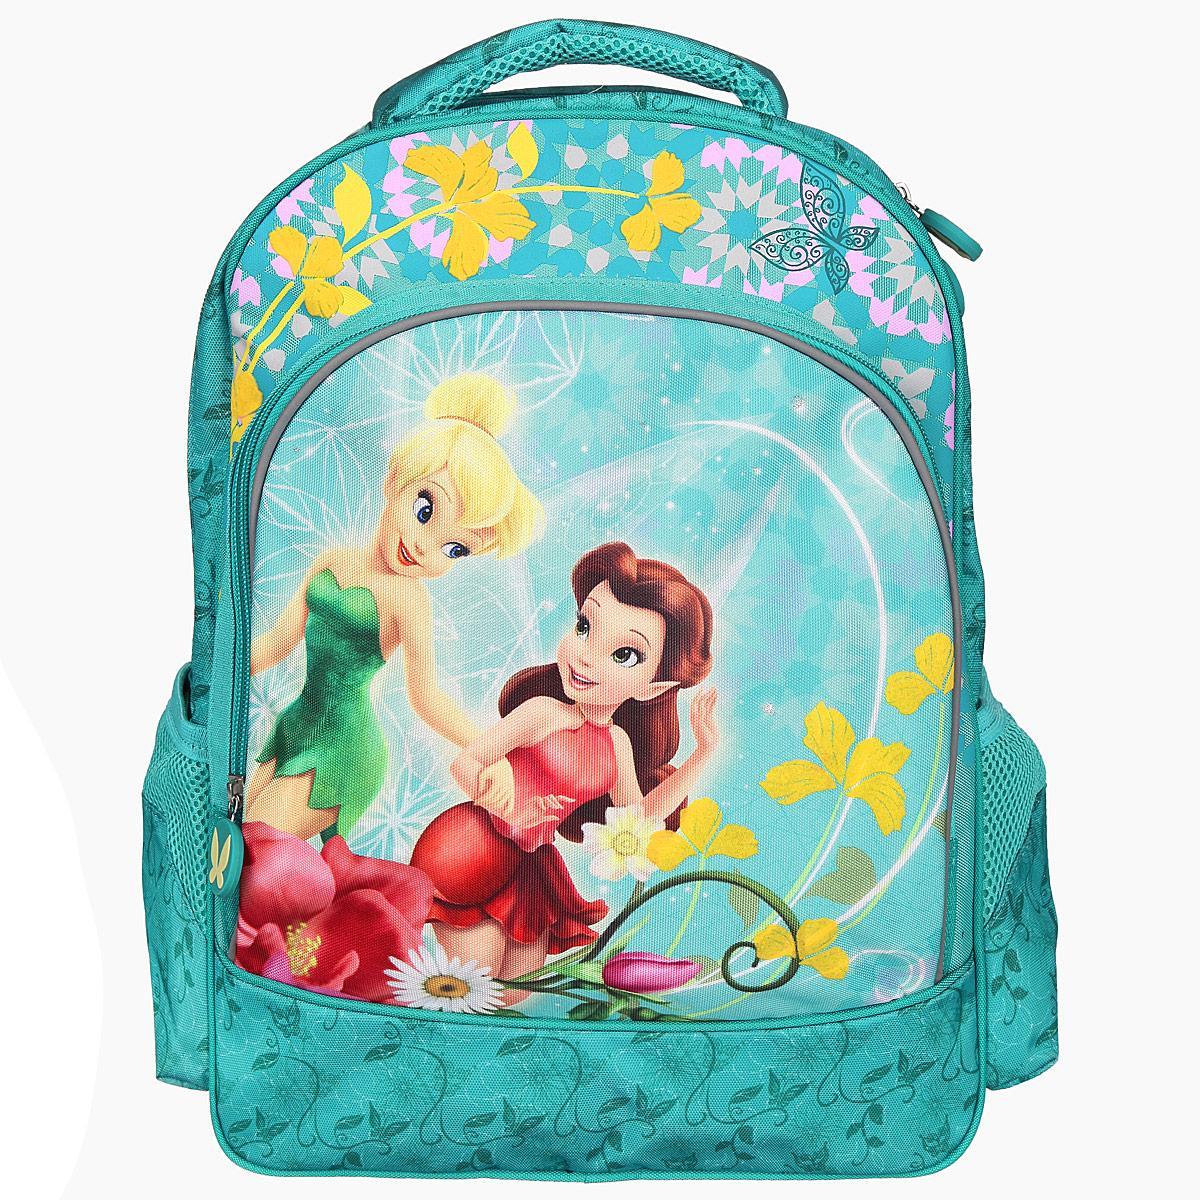 Рюкзак школьный Disney Fairies, цвет: бирюзовый, желтый. 2611526115Рюкзак школьный Disney Fairies обязательно понравится вашей школьнице. Он выполнен из прочного, водонепроницаемого материла бирюзового и желтого цветов и оформлен изображением прекрасных фей. Содержит два вместительных отделения, закрывающиеся на застежки- молнии с двумя бегунками. Бегунки застежки дополнены прорезиненными держателями. В большом отделении находятся две мягкие перегородки для тетрадей или учебников, фиксирующиеся резинкой. Одну из перегородок можно использовать для гаджетов. В другом отделении имеется открытый карман-сетка. Лицевая сторона рюкзака оснащена накладным карманом на застежке-молнии, внутри которого расположены два открытых кармашка, карман-сетка на молнии и отделение для мобильного телефона. По бокам рюкзака расположены два накладных кармана, стянутые сверху резинкой. Ортопедическая спинка равномерно распределяет нагрузку на плечевые суставы и спину. Конструкция спинки дополнена эргономичными подушечками, противоскользящей...